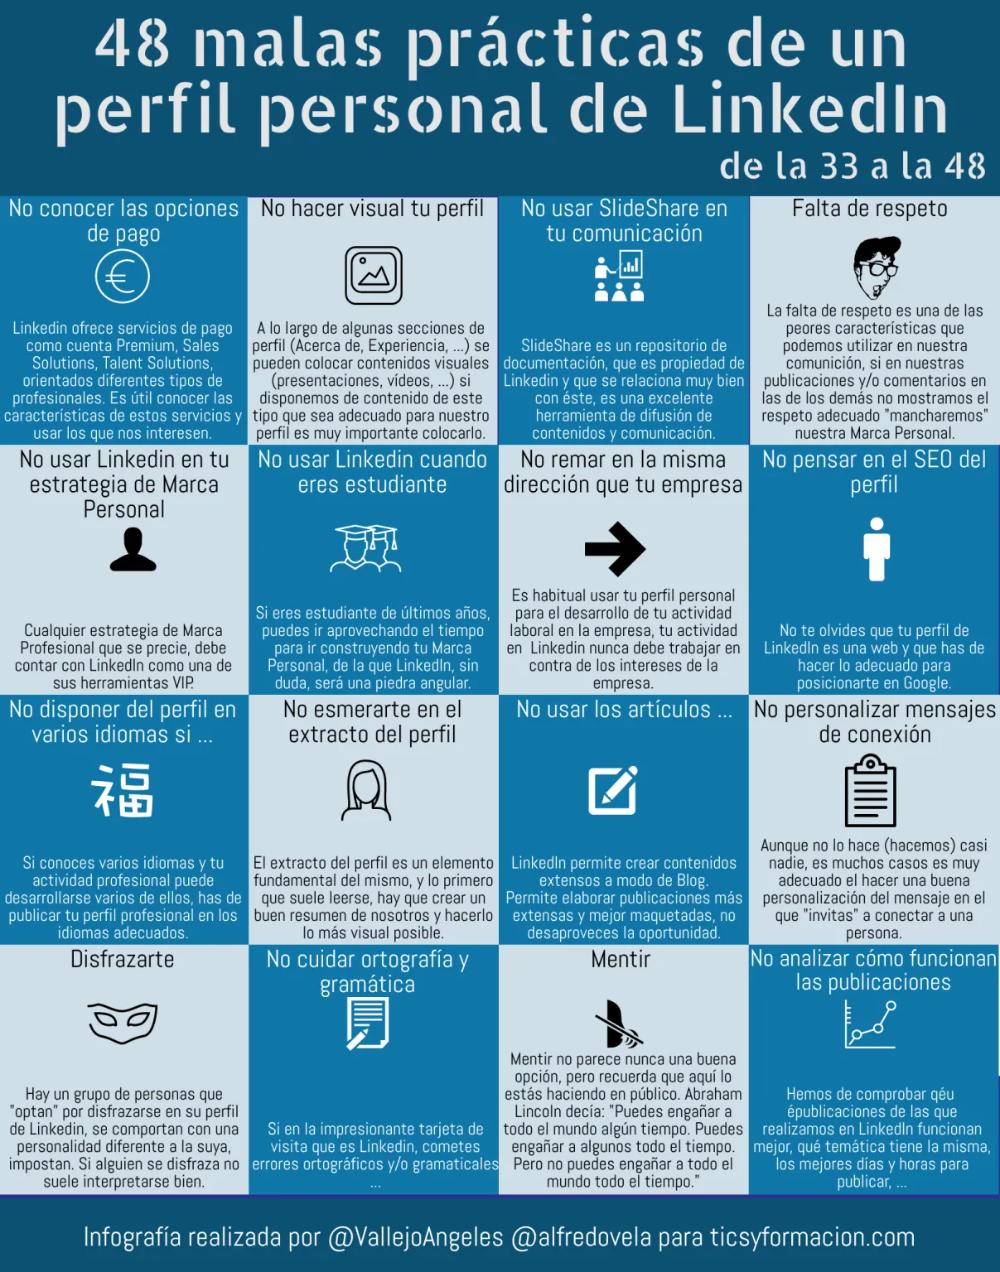 48 Malas Prácticas De Un Perfil Personal En Linkedin De La 33 A La 48 Infografia Infographic Socialmedia T Consejos Para Redes Sociales Datos Infografia